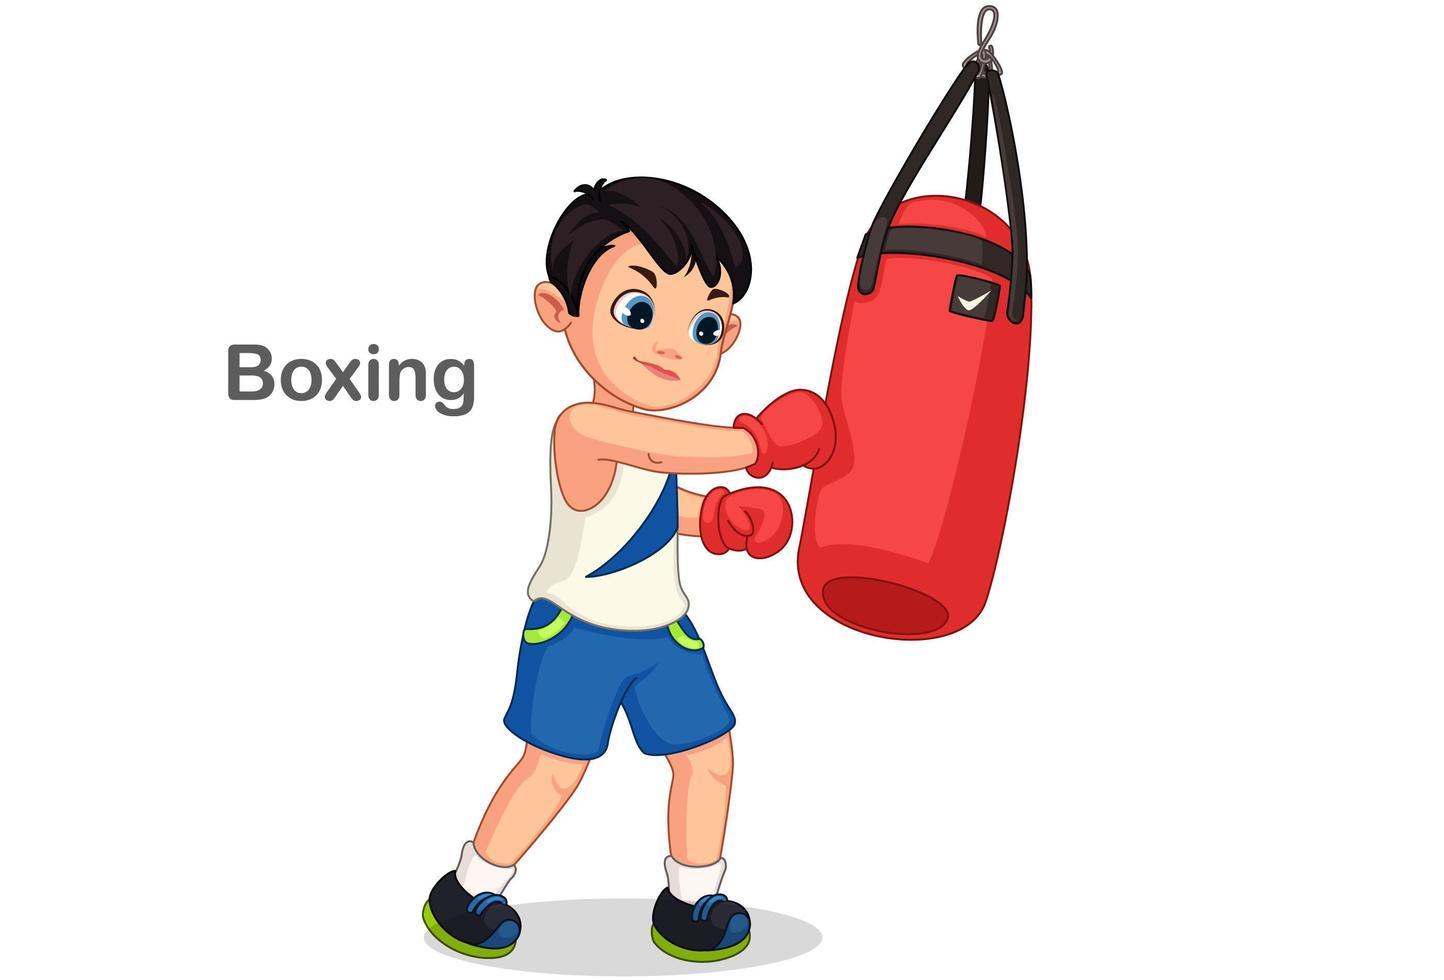 boksjongen met bokszak vector